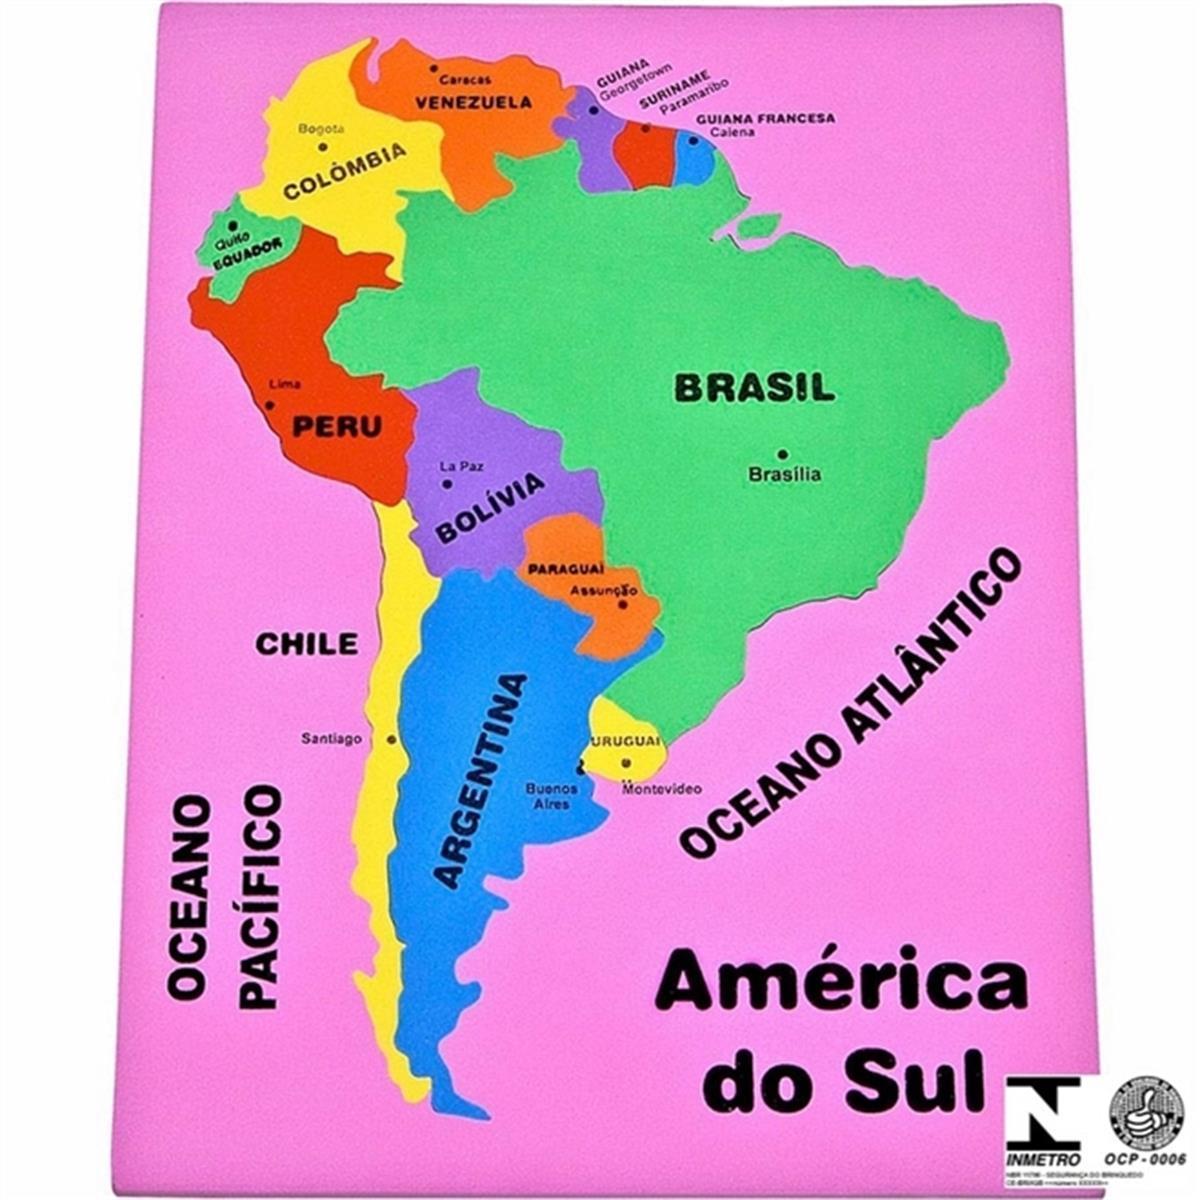 mapa da america do sul Mapa Da América Do Sul Colorido Educativo 71 Carlu na Estrela10 mapa da america do sul